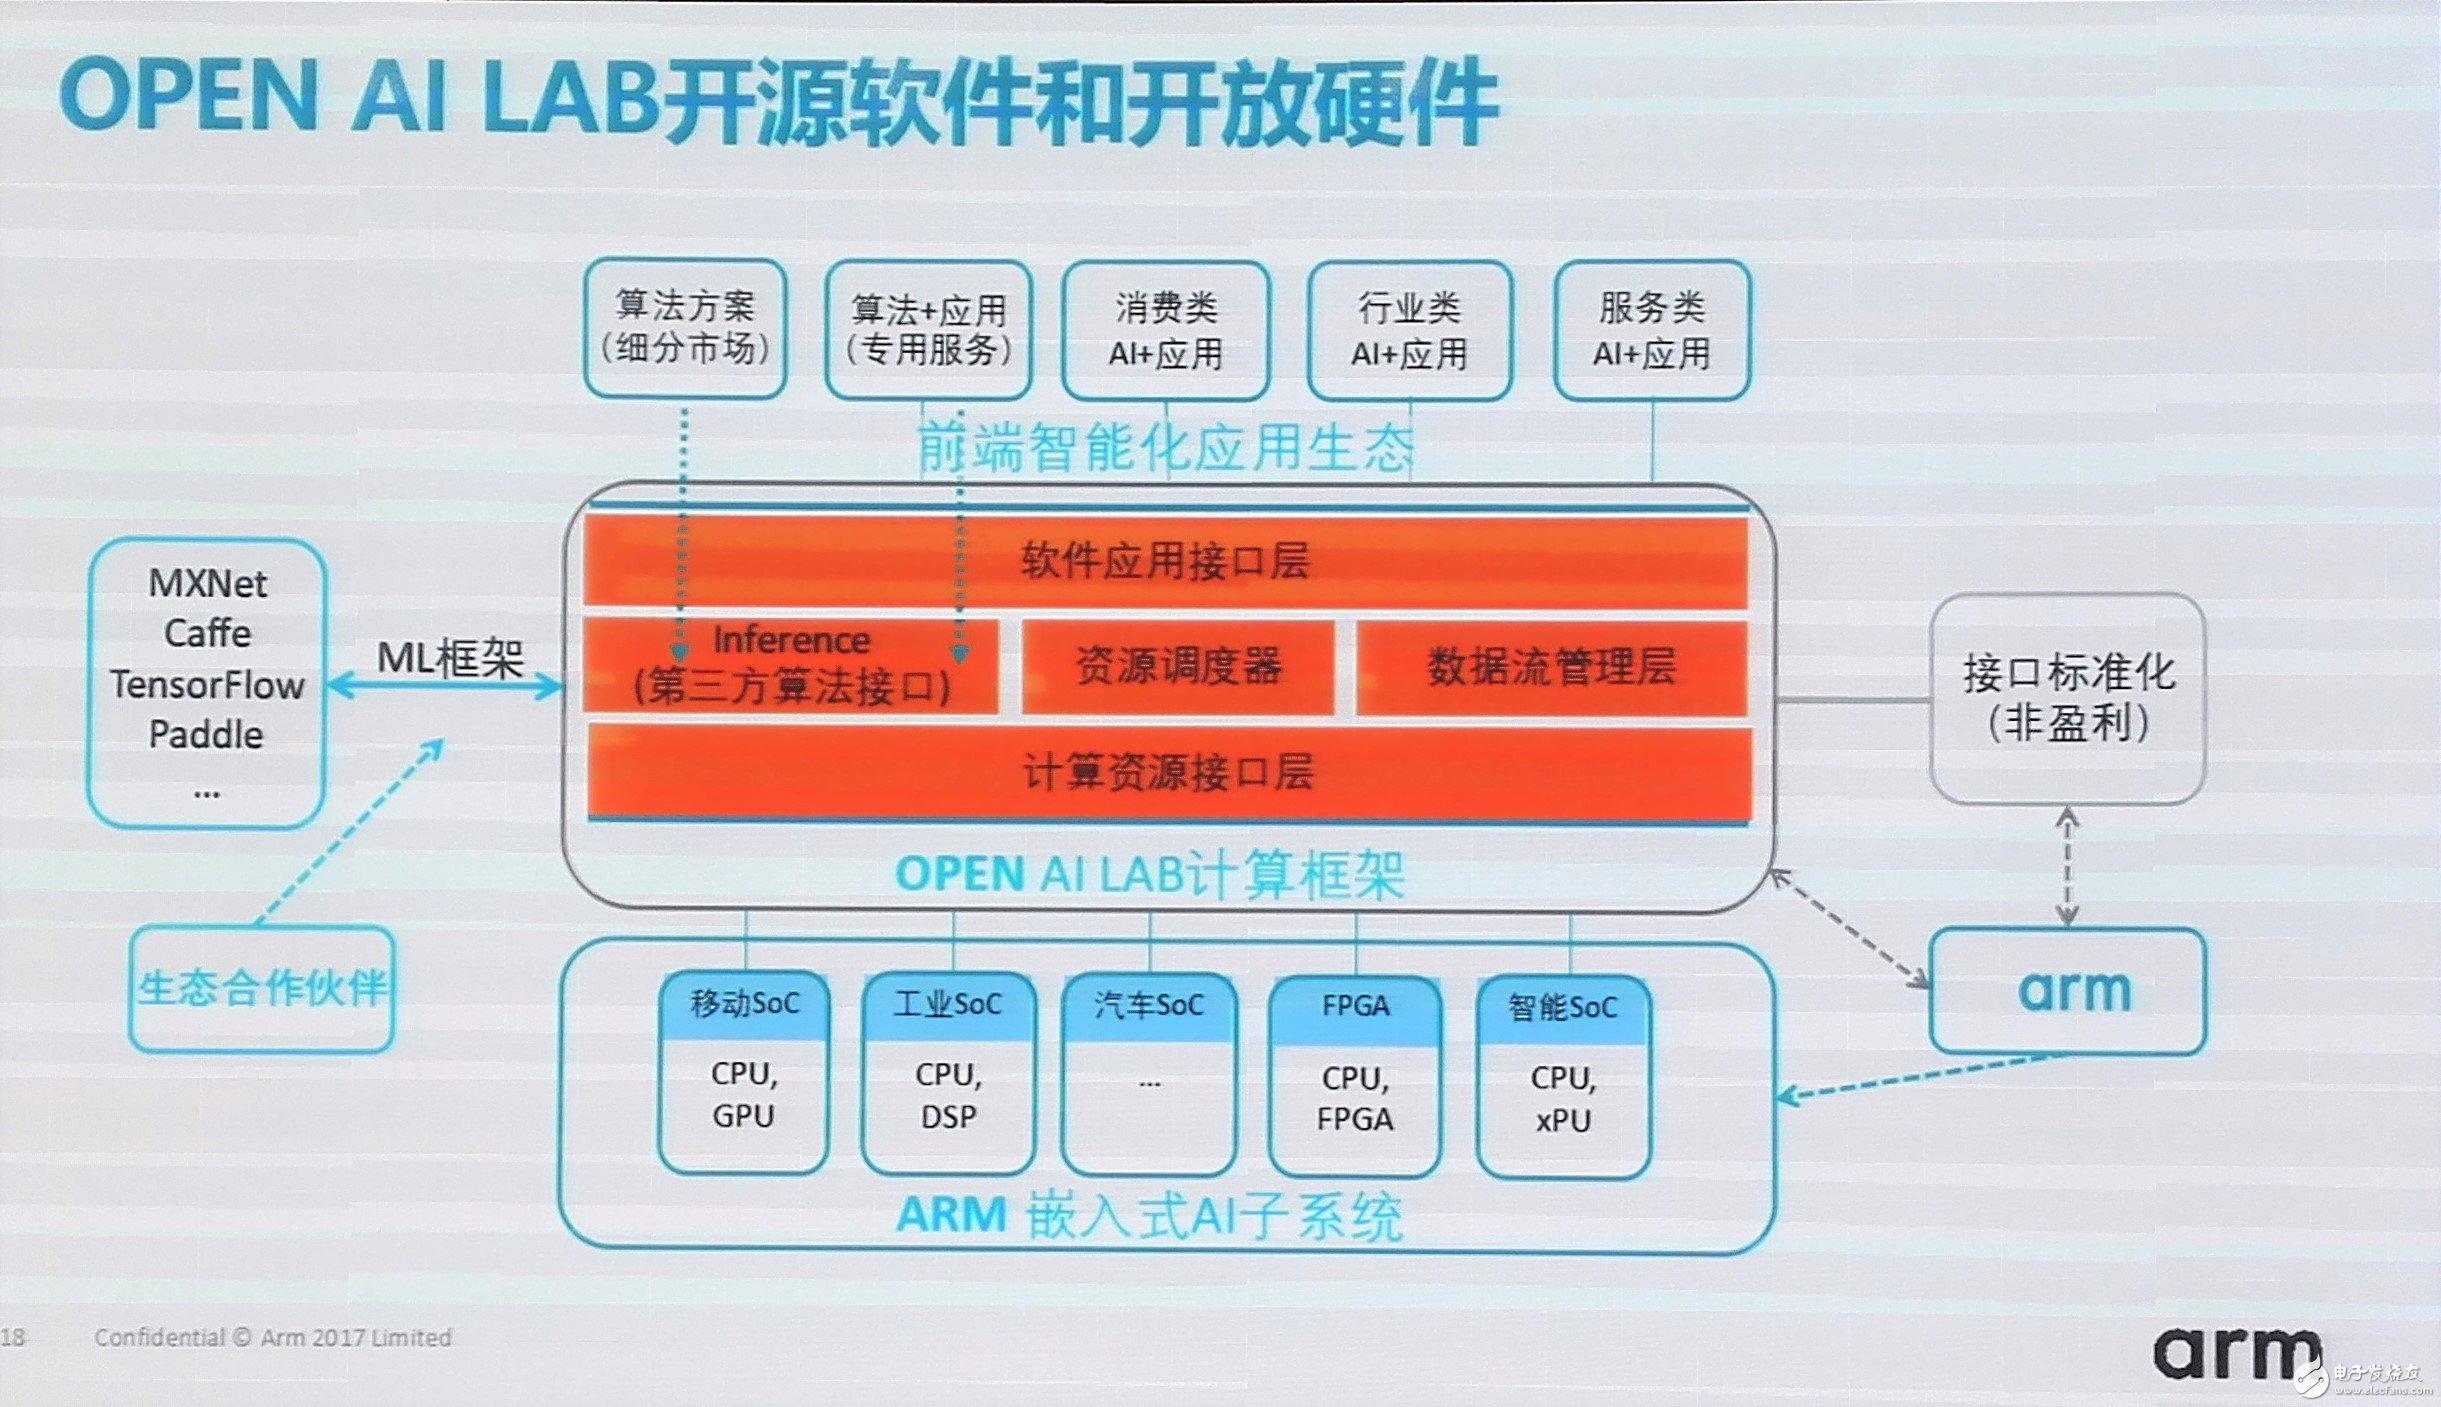 图:Arm OPEN AI LAB开放资源的生态